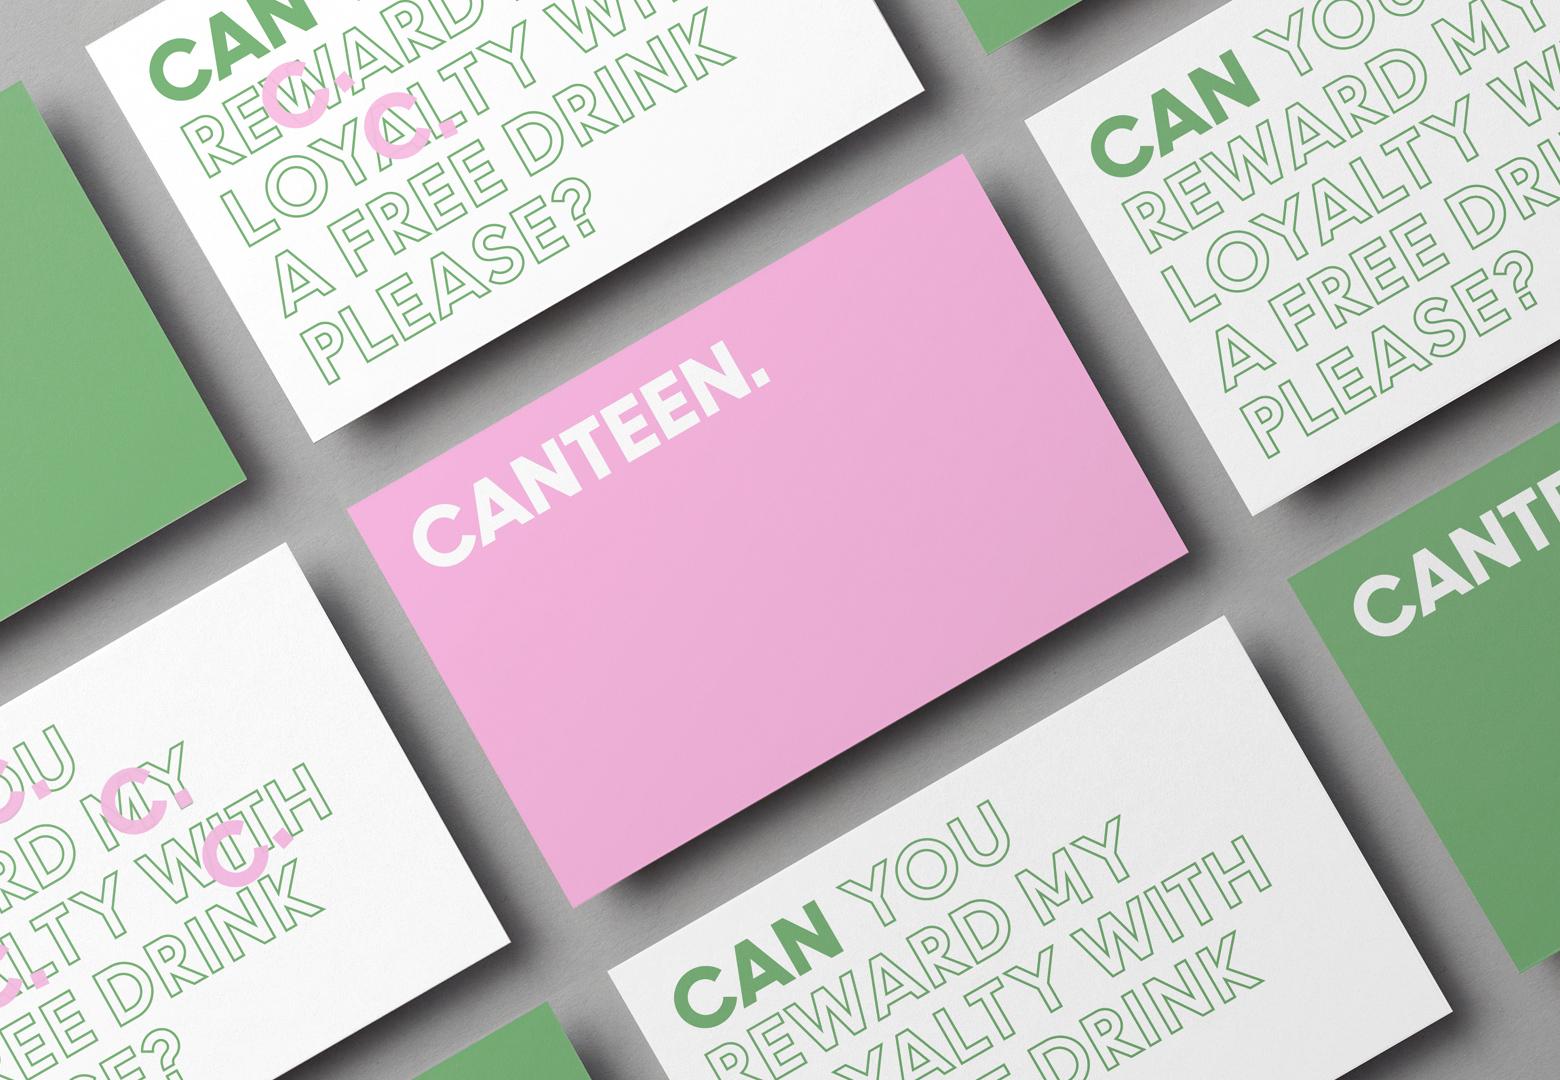 OLLIECO_Canteen-4_1560x1080